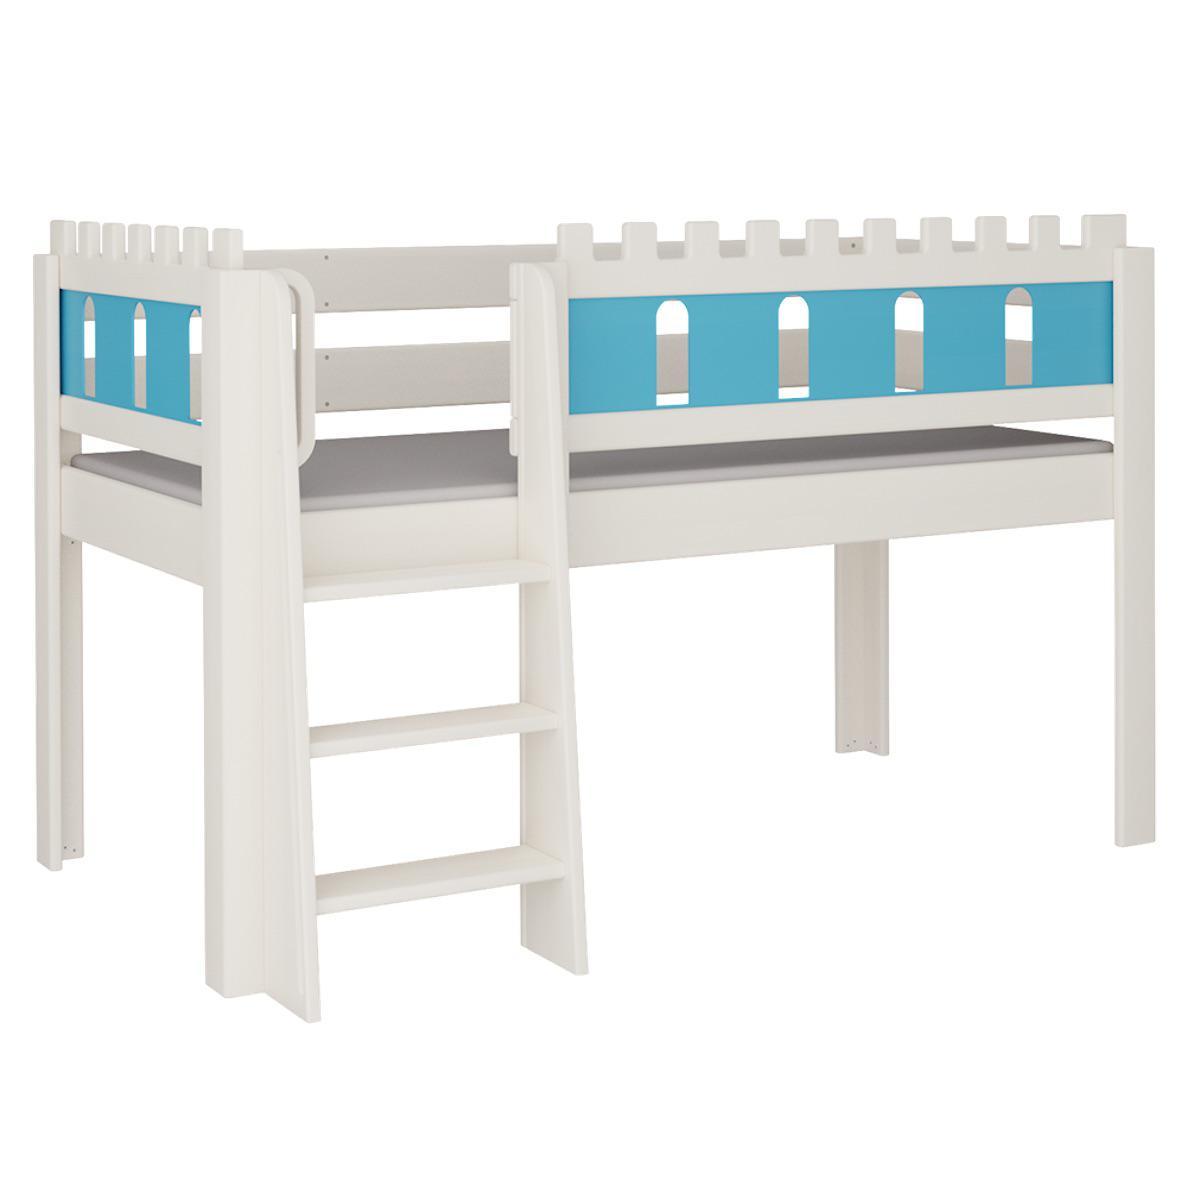 Burg halbhohes Bett mit Leiterstiege DELUXE De Breuyn weiß Füllungen blau